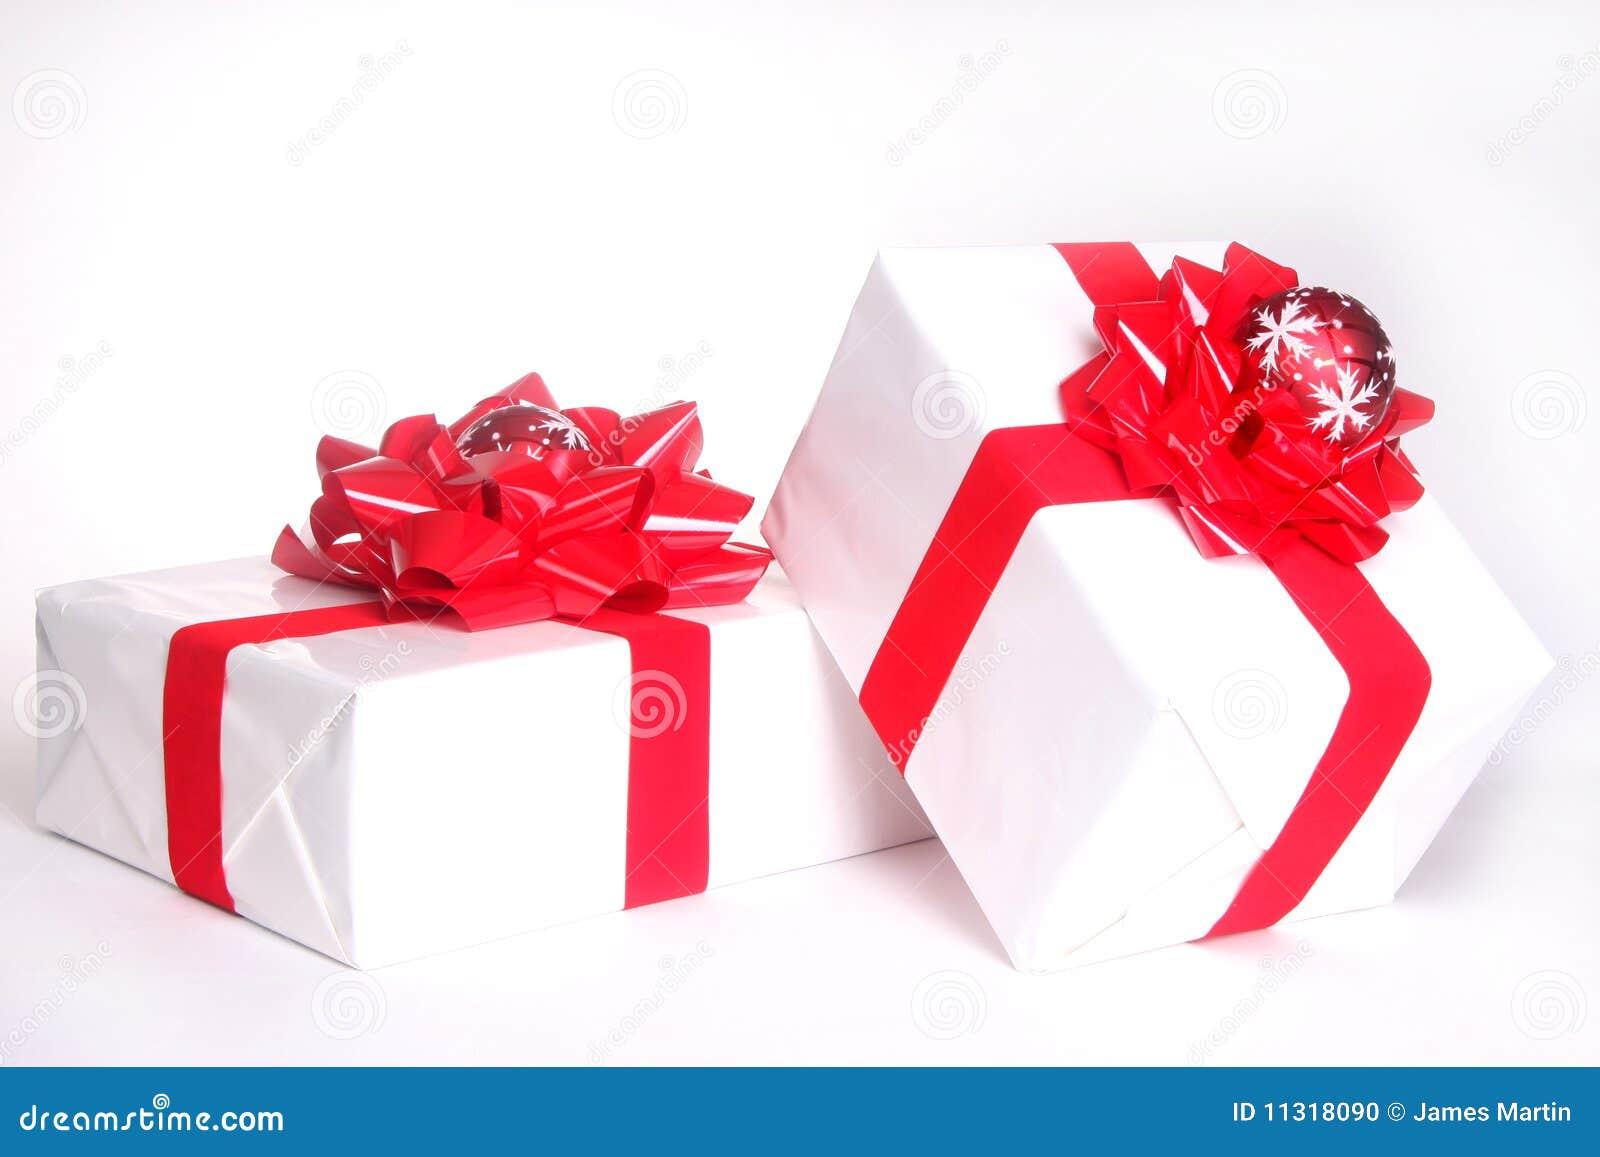 Weihnachtsgeschenke getrennt auf Weiß